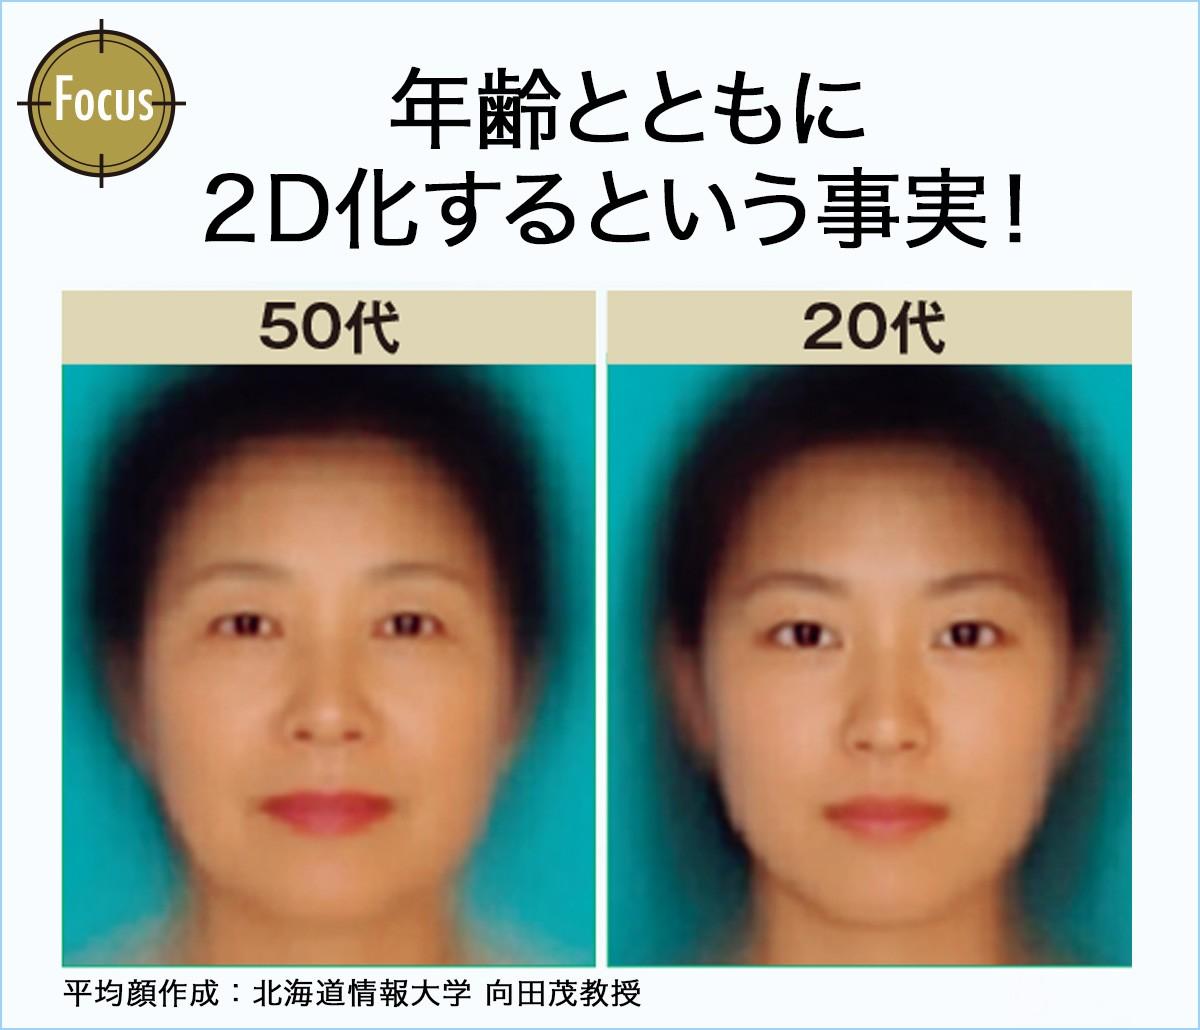 【コスメデコルテから新提案】フラットな2D顔から、立体感のある3D顔へ。「顔立ちプロポーション」はスキンケアで叶えられる_2